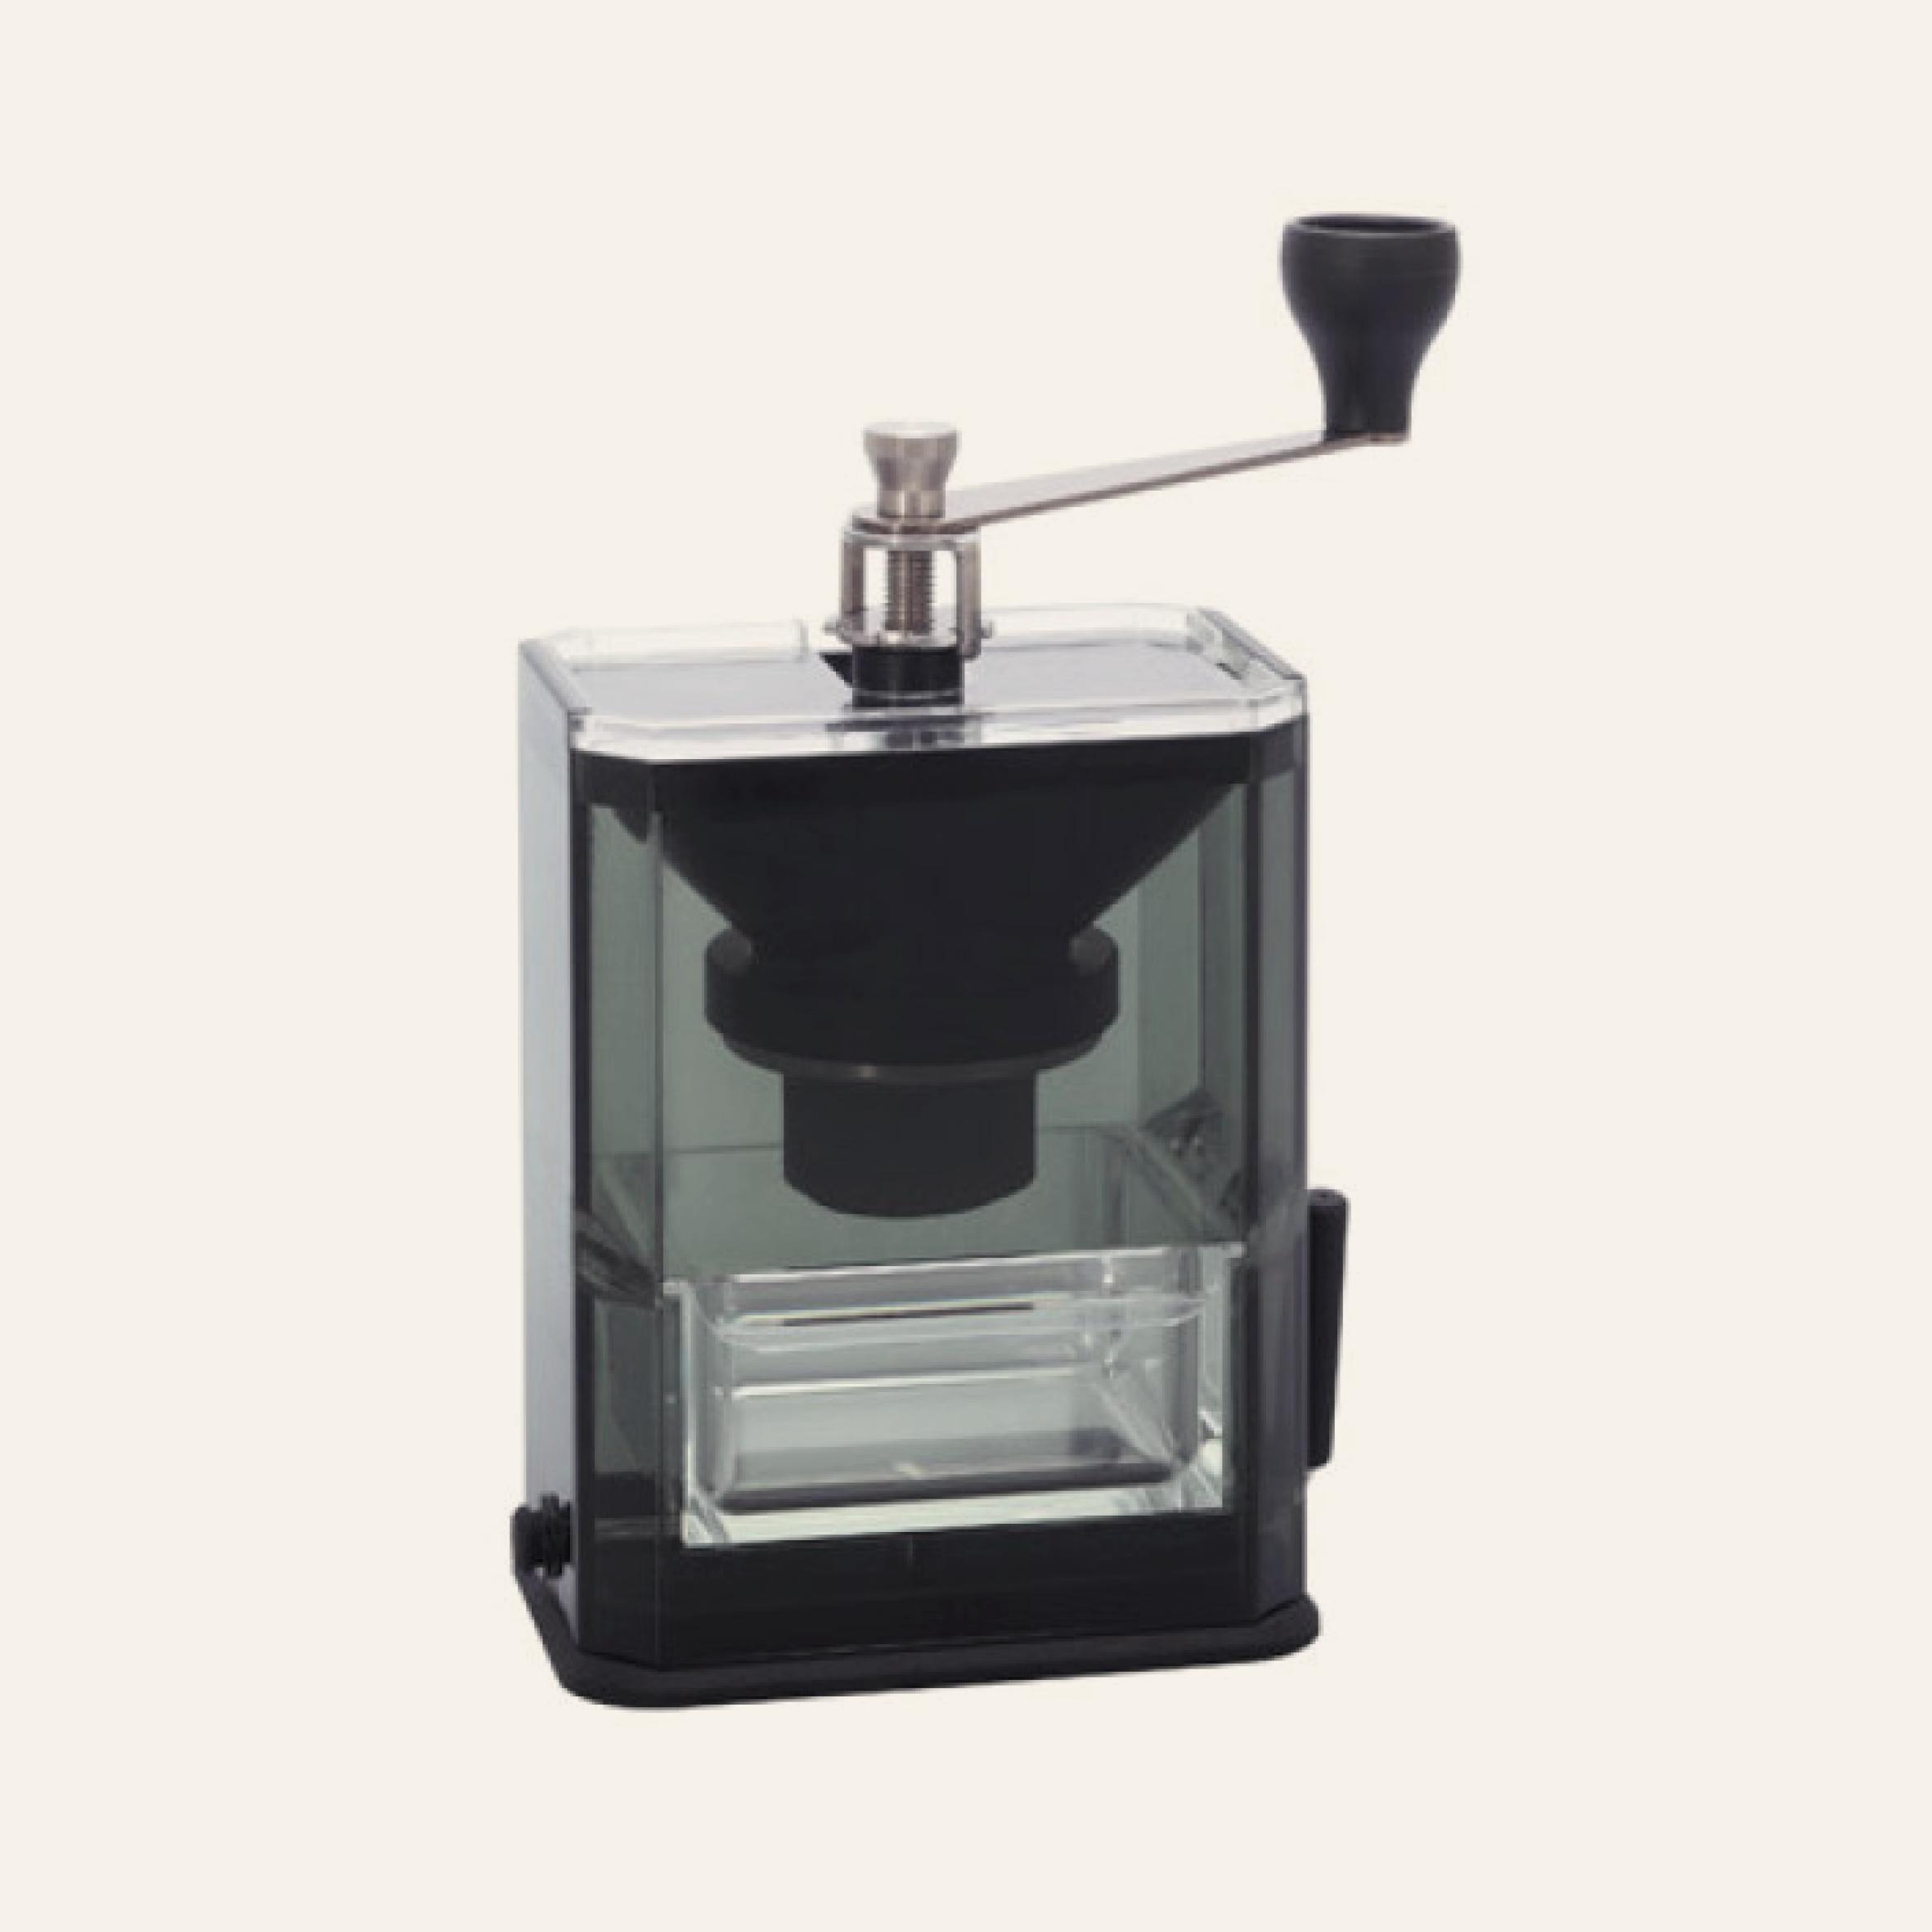 Hario Acrylic Koffiemolen